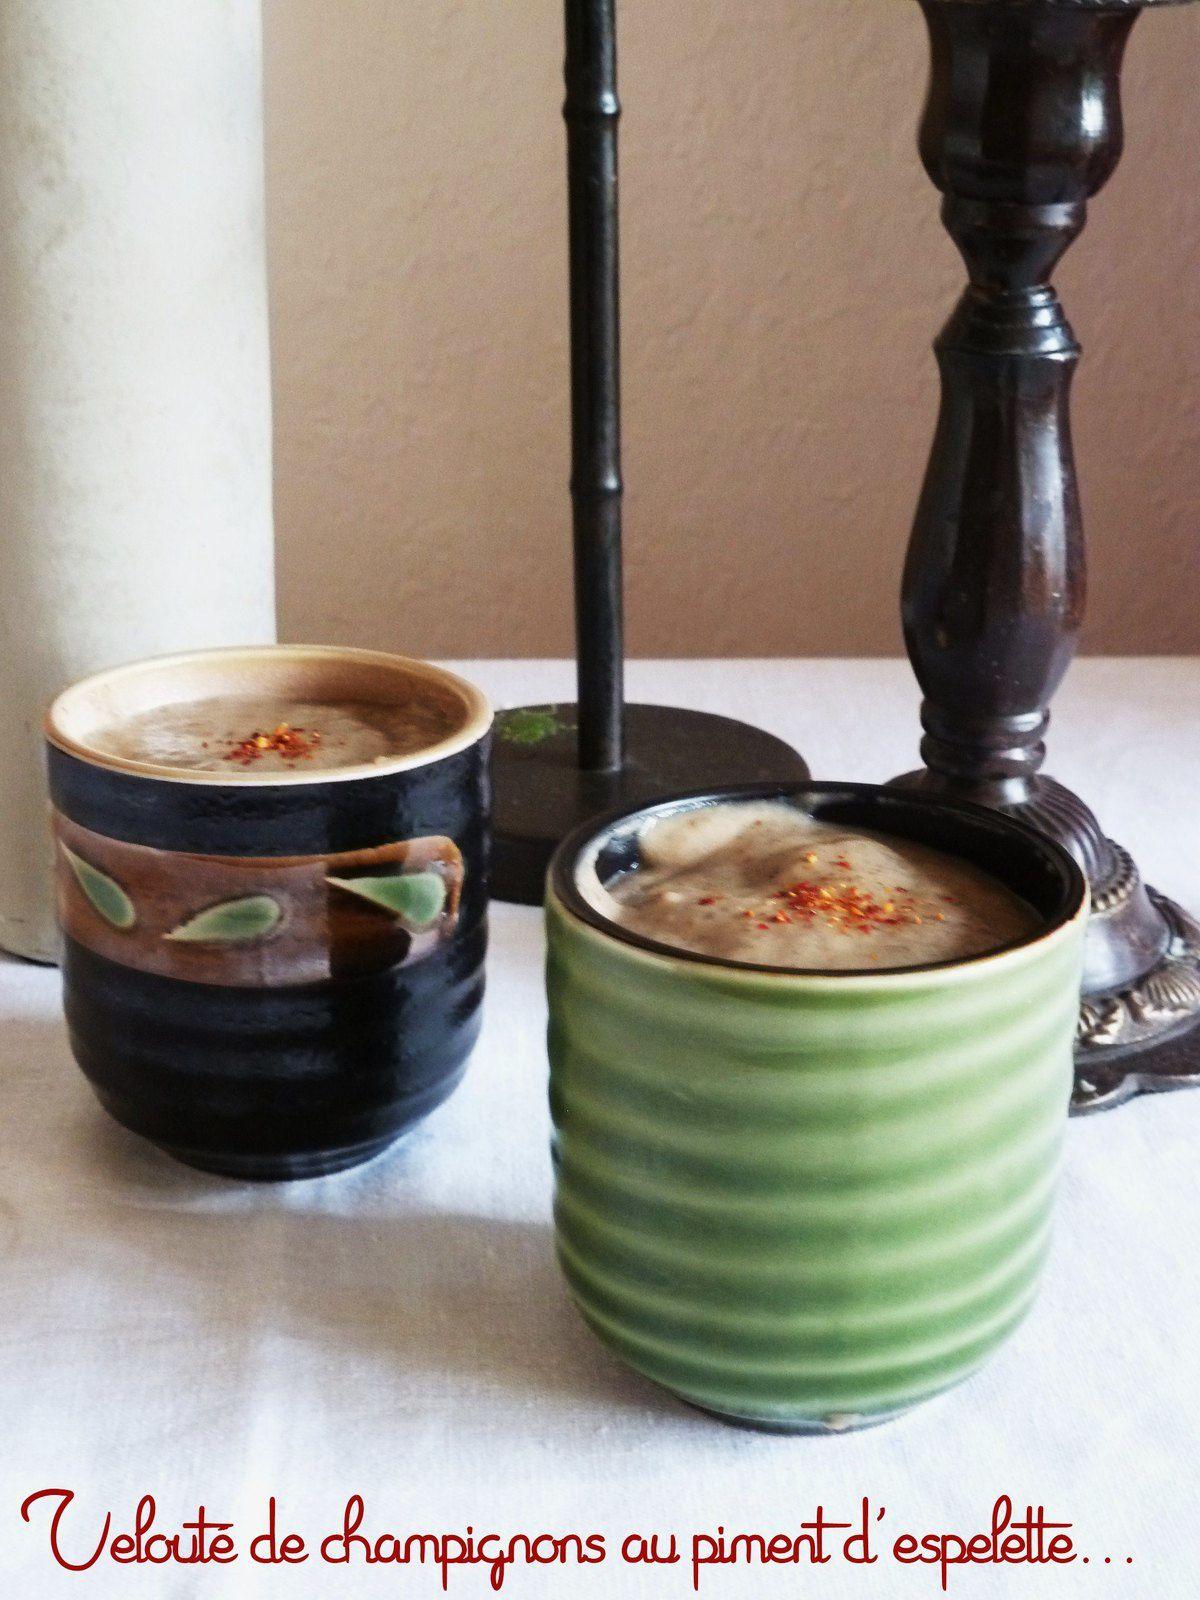 Soupe champignons espelette